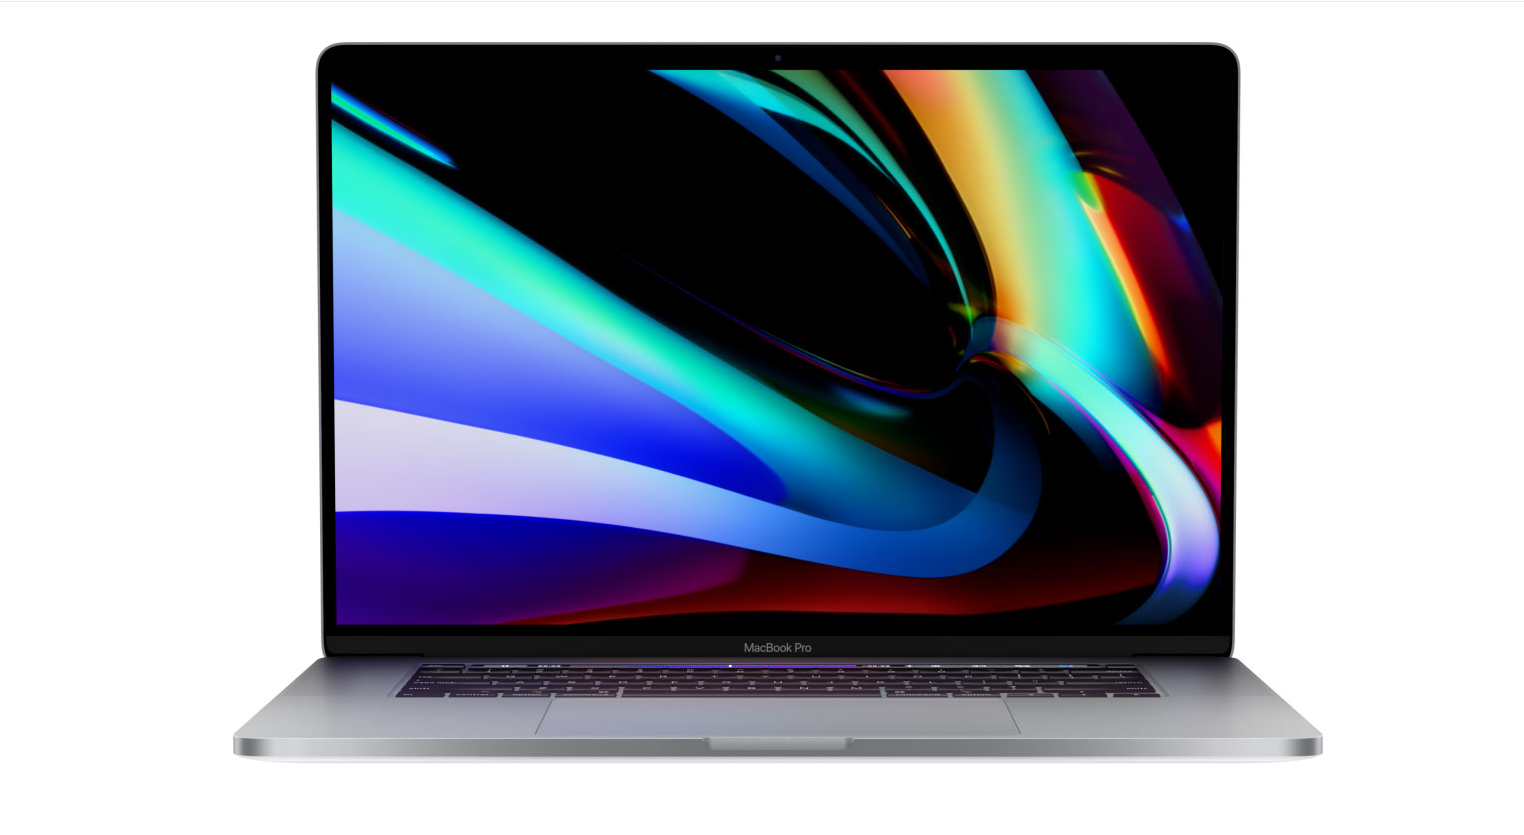 Itt a 16 hüvelykes MacBook Pro